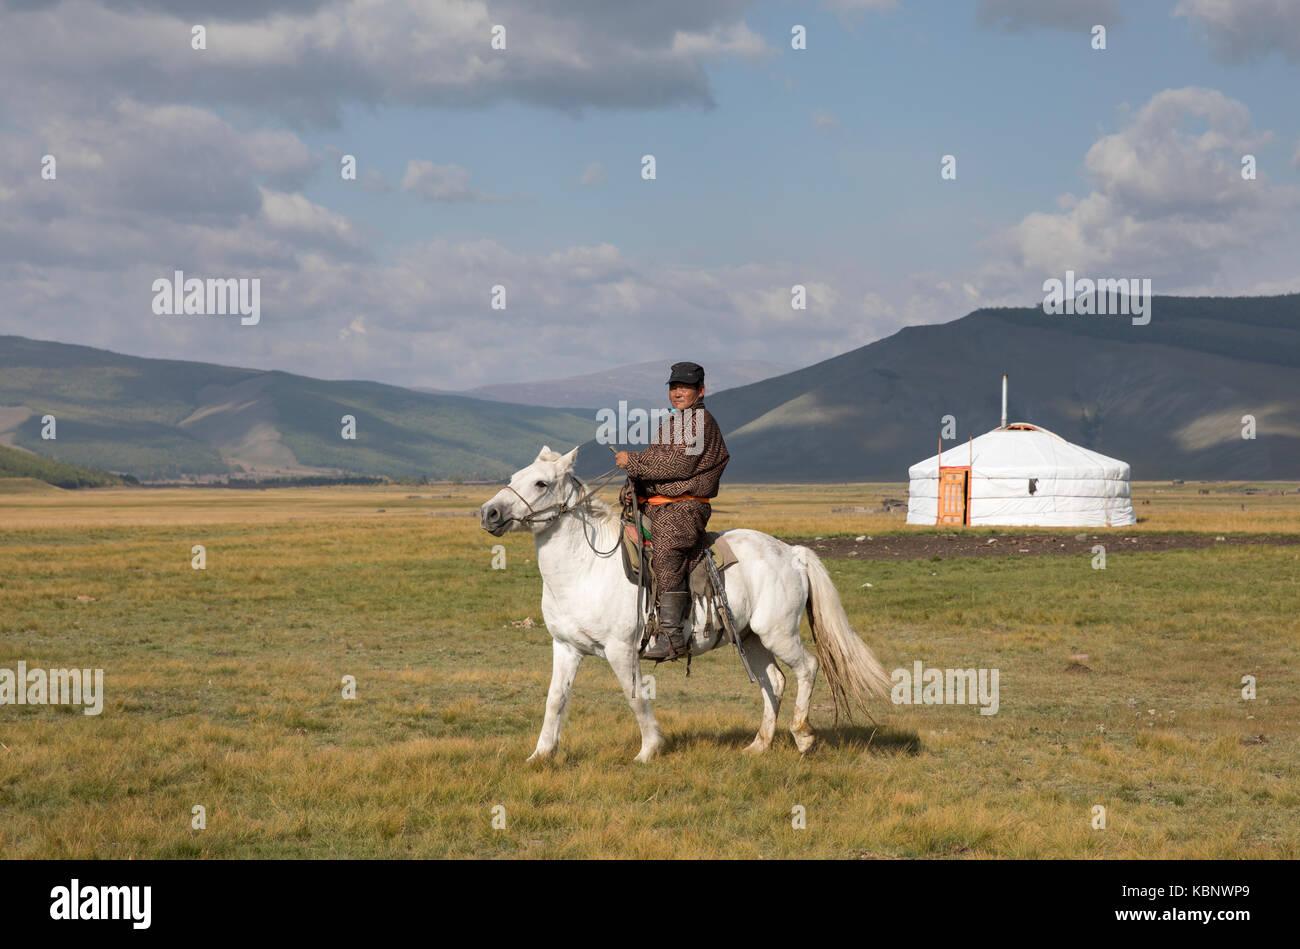 Huvsgul, Mongolia, Settembre 6th, 2017: uomo mongolo a cavallo nel nord del paesaggio mongolo Immagini Stock